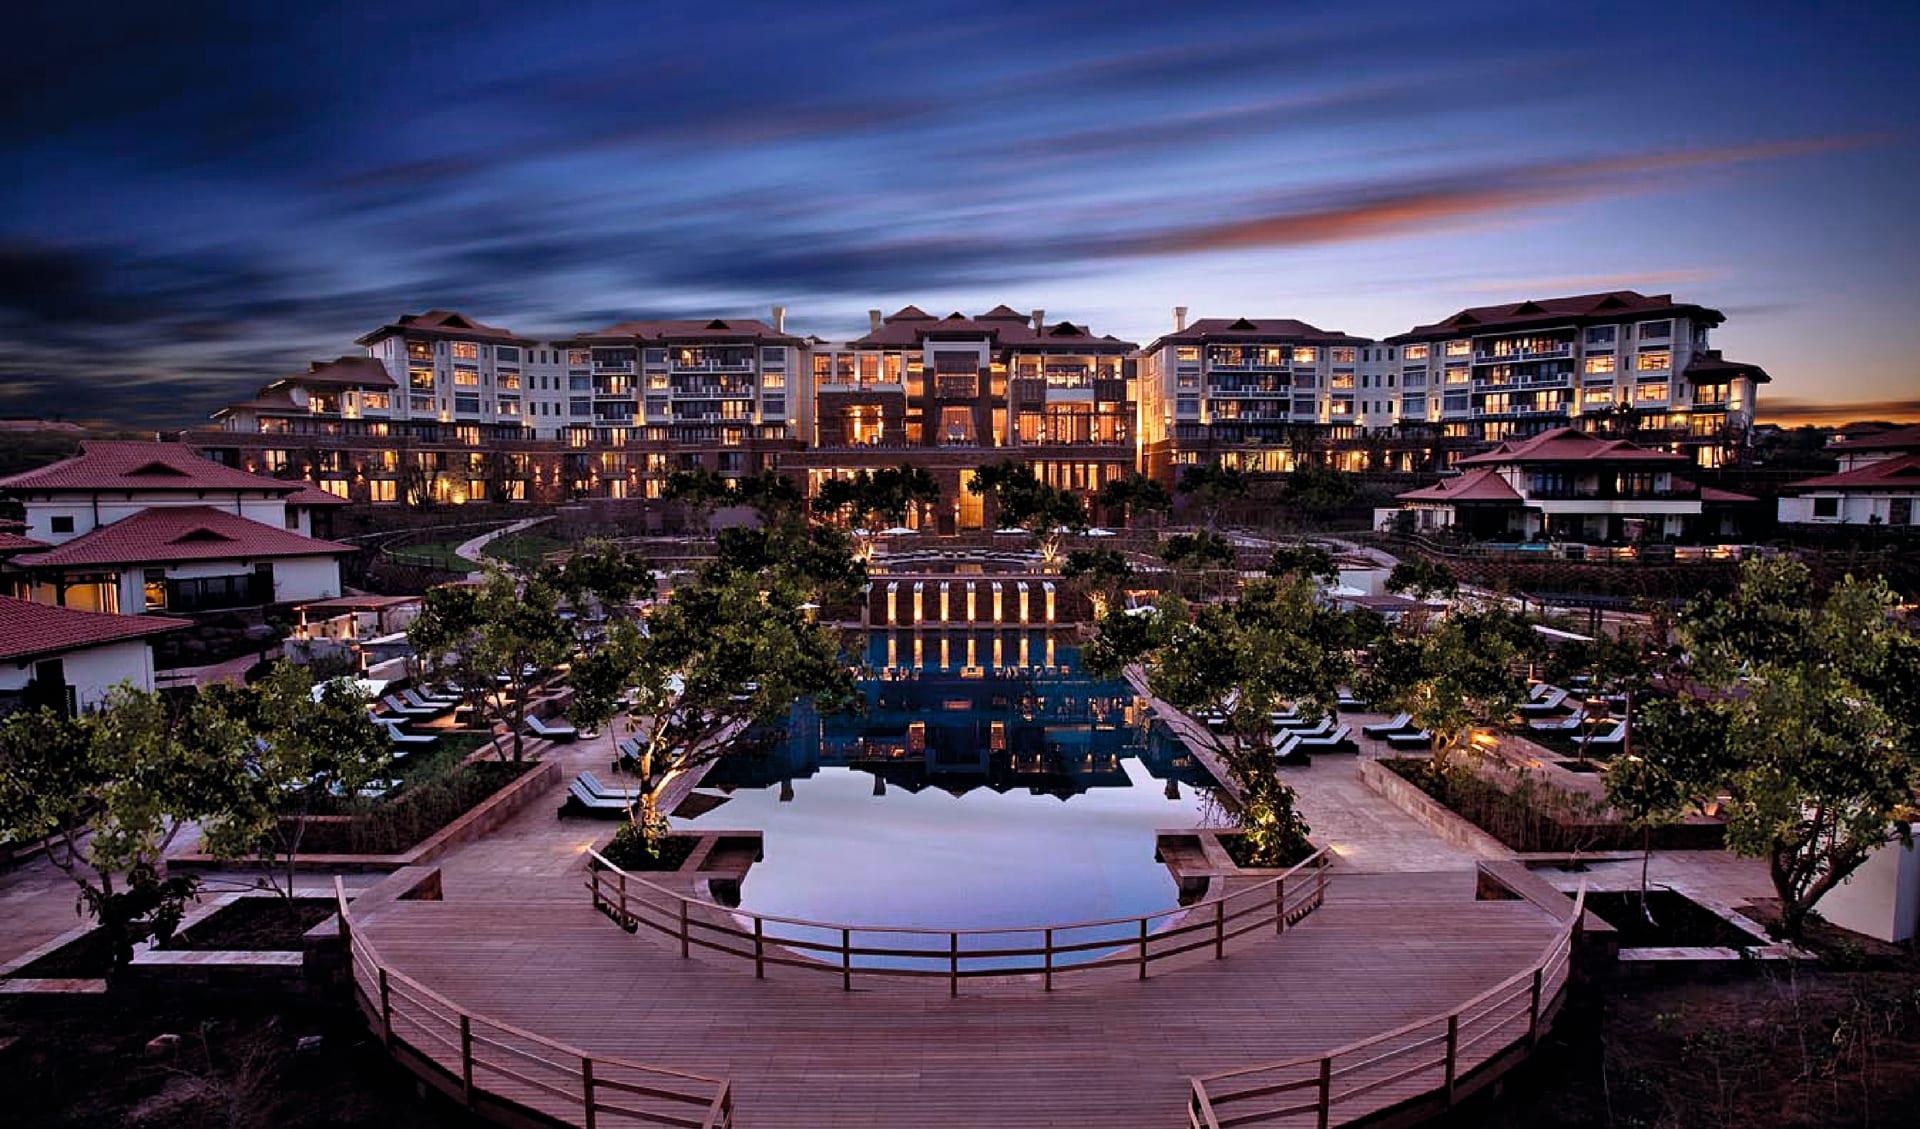 Fairmont Zimbali Resort in Ballito: Fairmont Zimbali Resort - Blick über gesamtes Resort